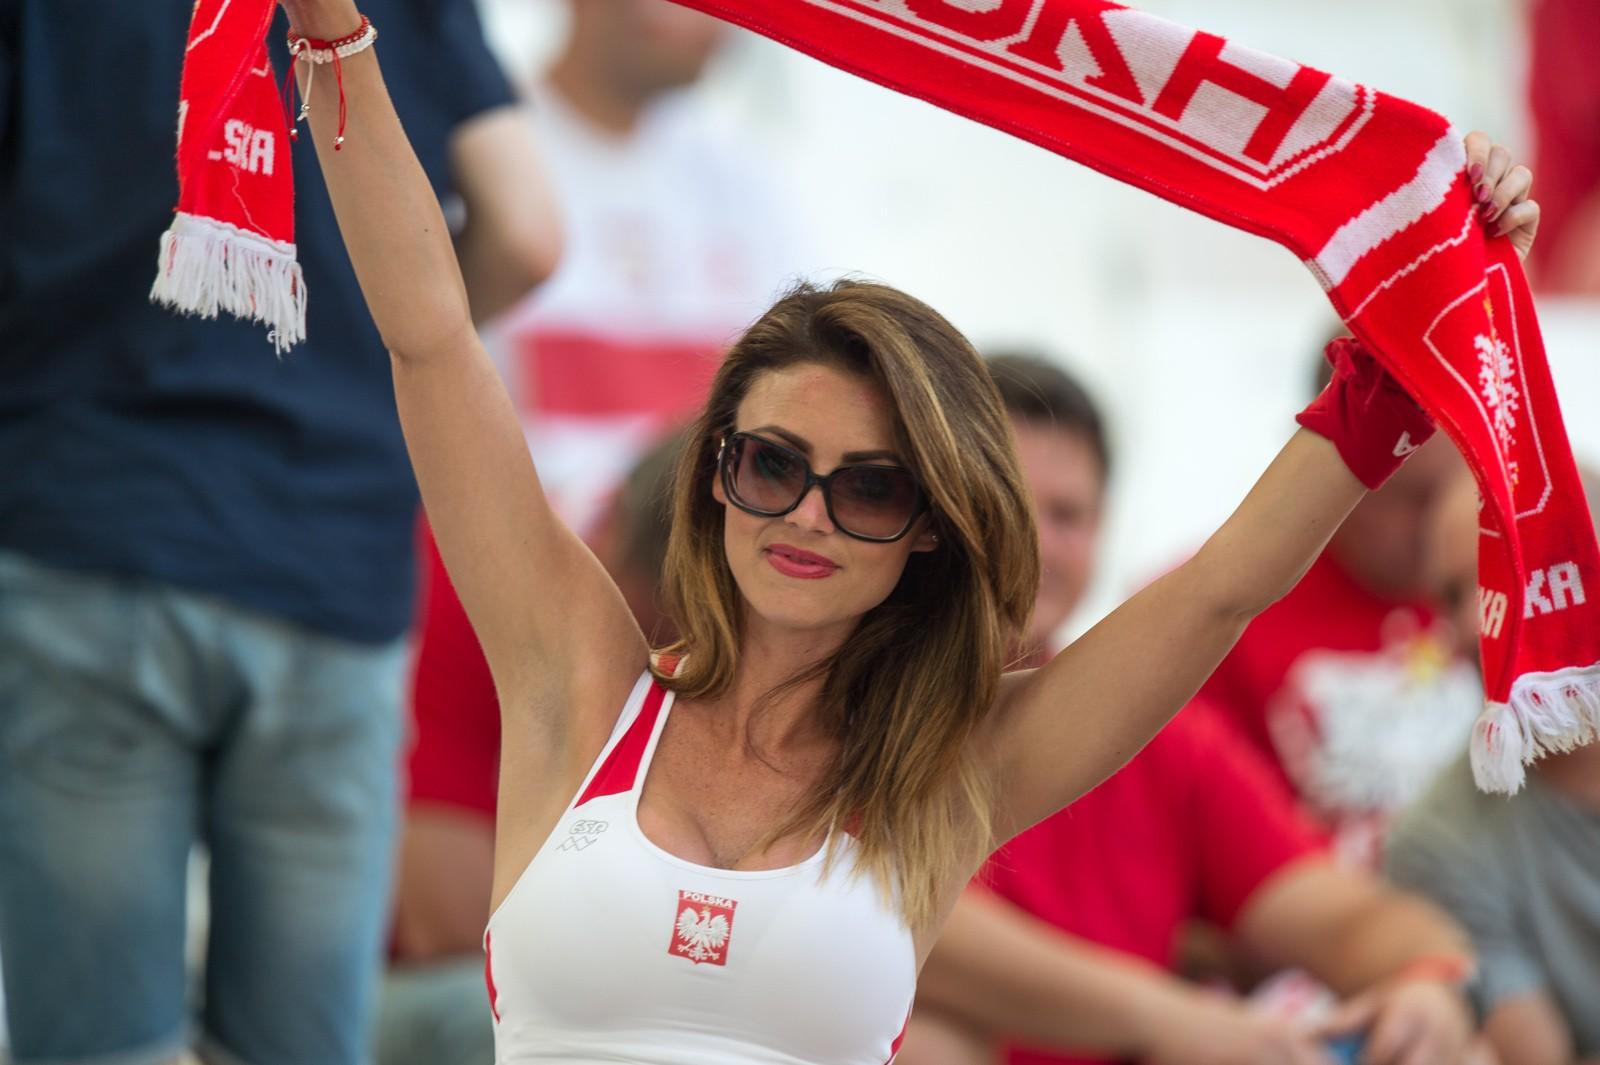 2a507d4d1d tvn24 x-news 31 maja 2017 31.05.2017. Aktualizacja  31 maja 2017 22  37  31.05.2017 22  37. Kto wygra mecz Polska - Rumunia  Polska będzie remis.  Rumunia